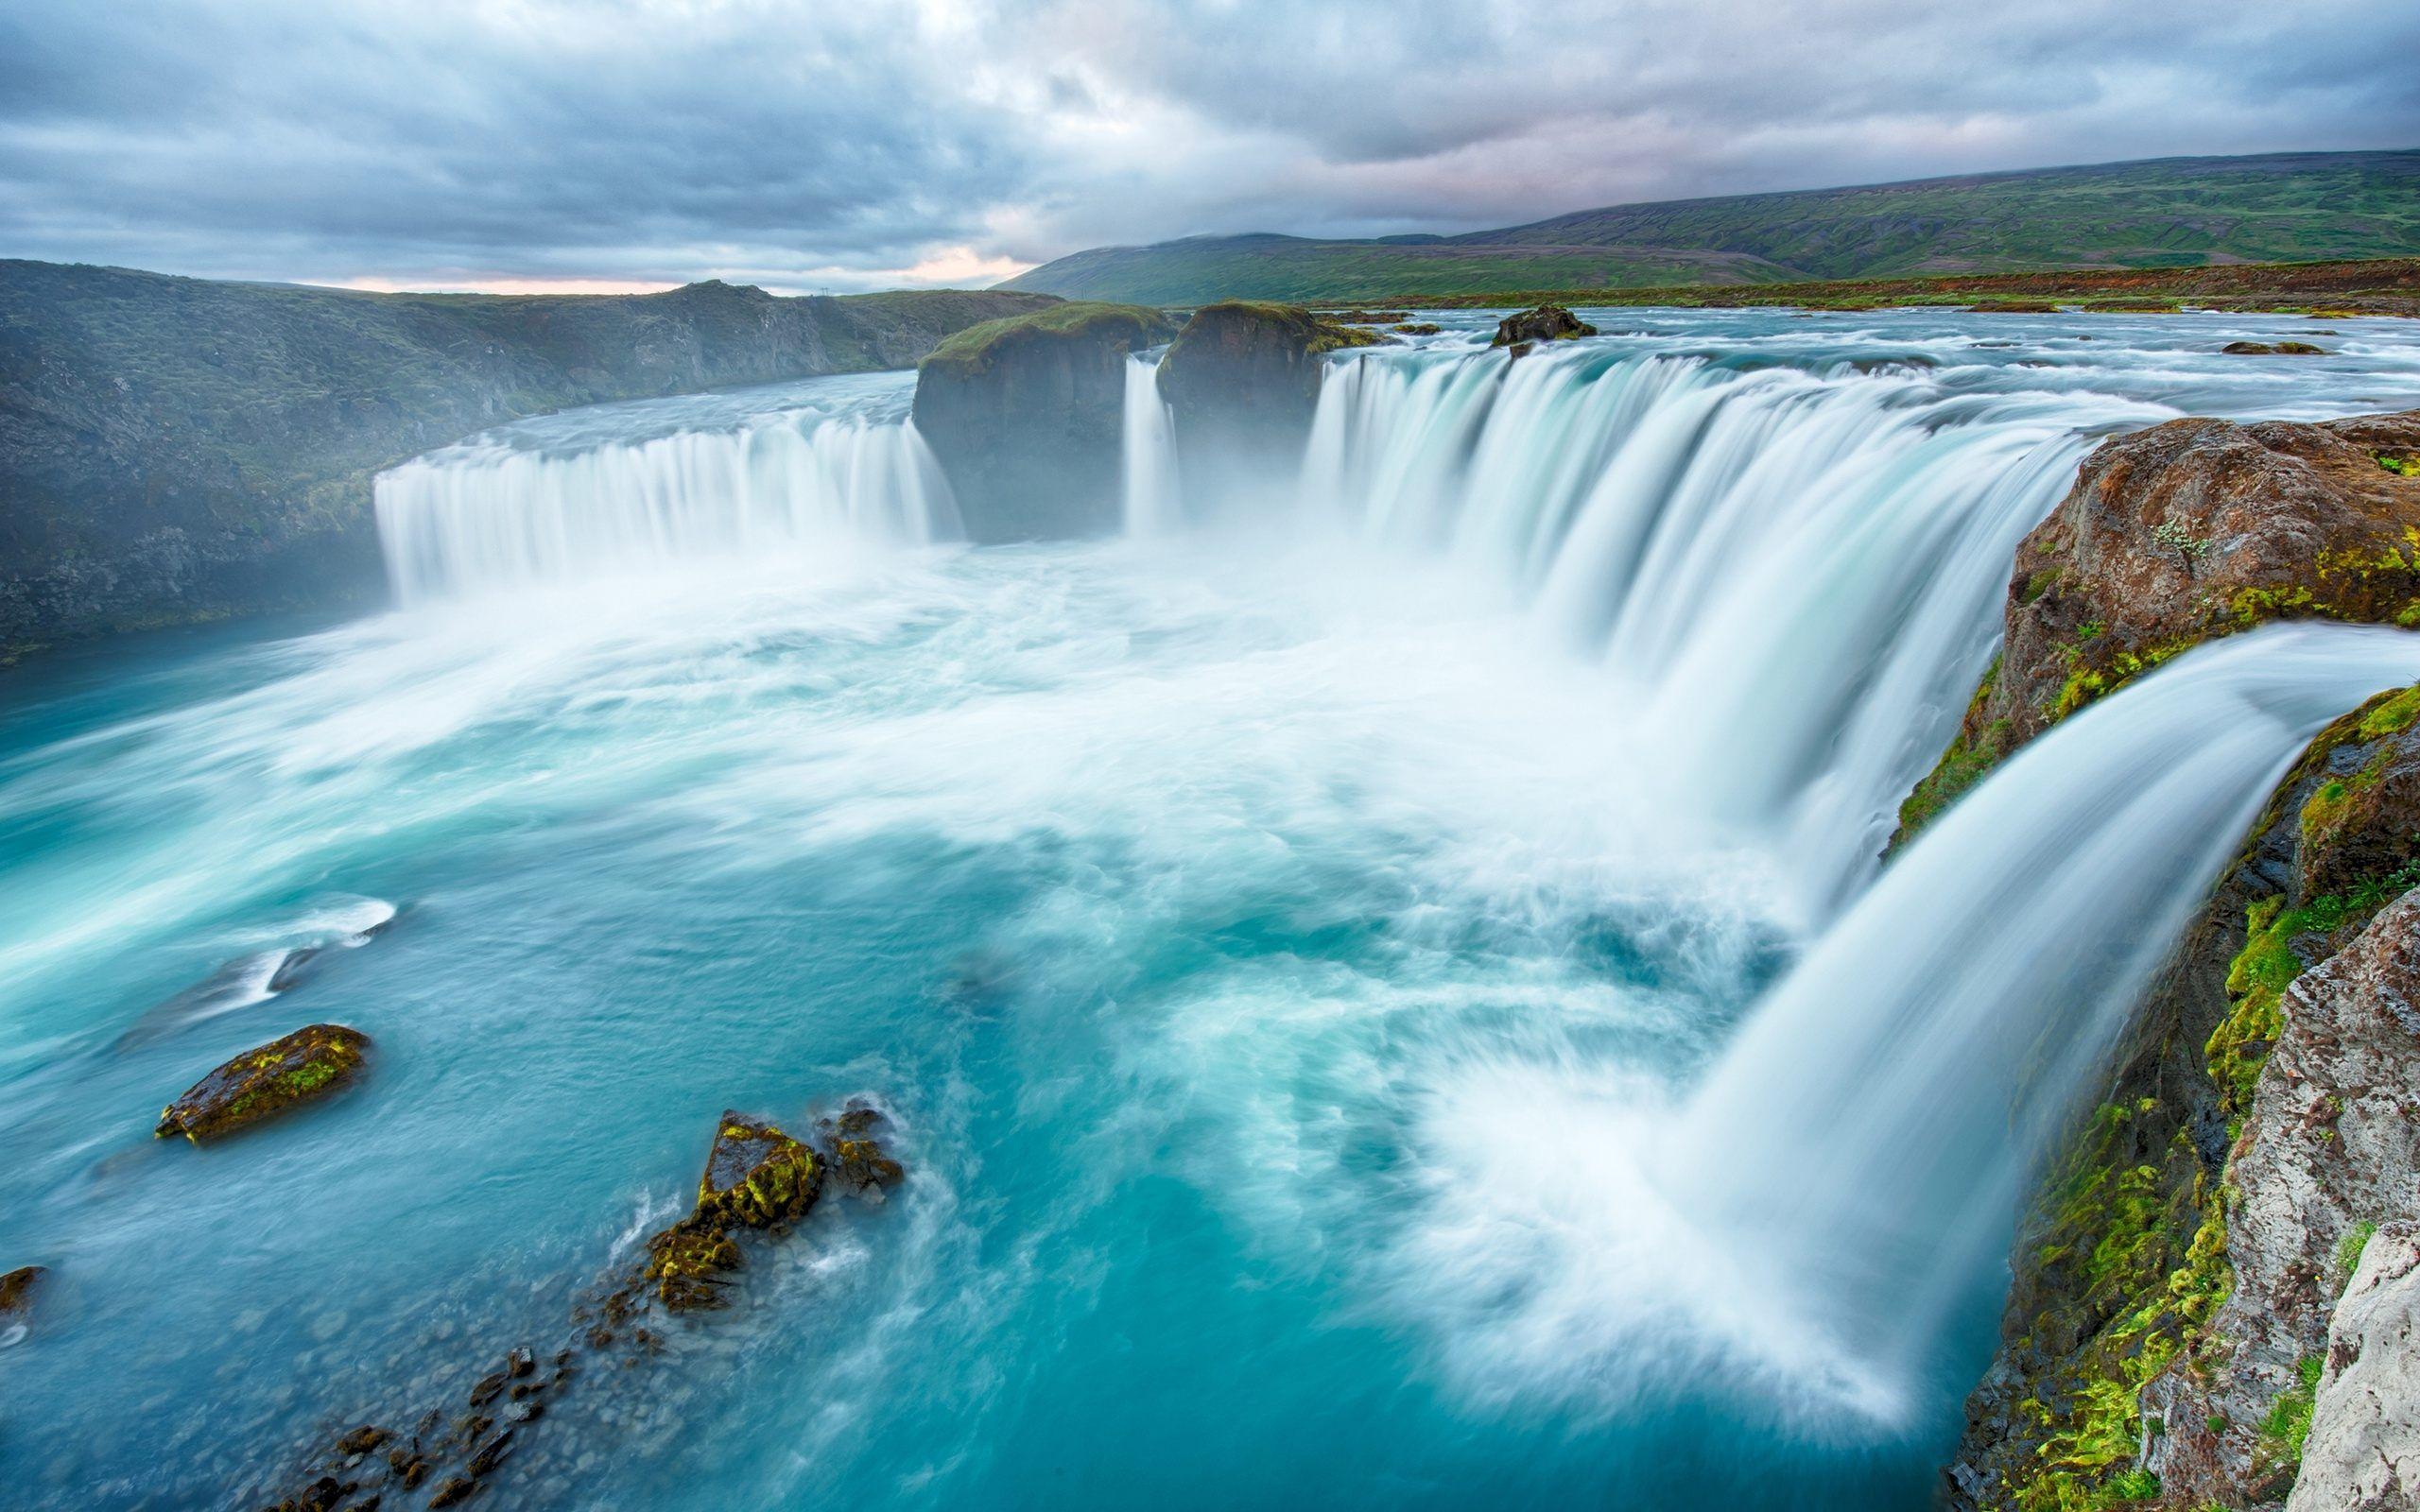 Beautiful Waterfalls HD Wallpaper For Desktop Mobile